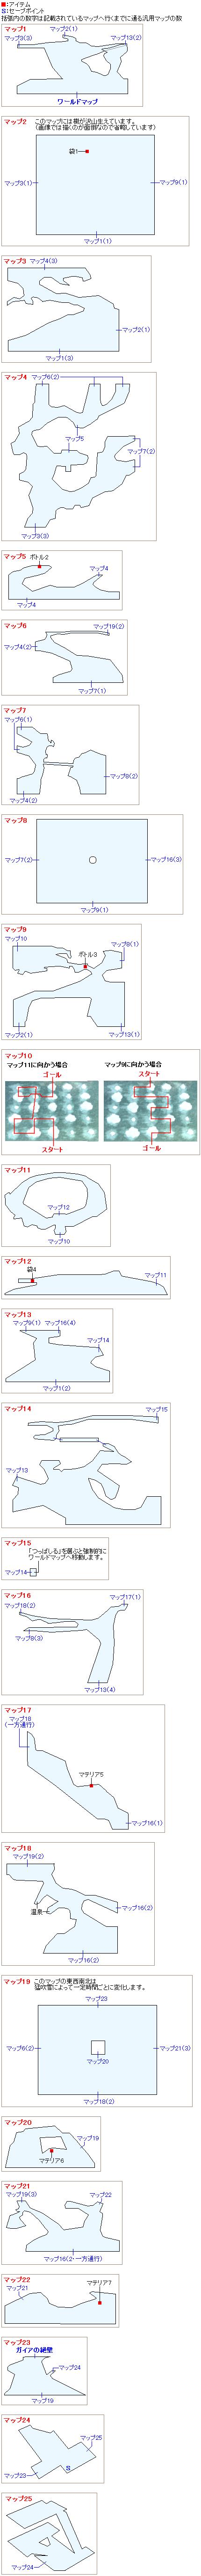 大氷河の詳細マップ